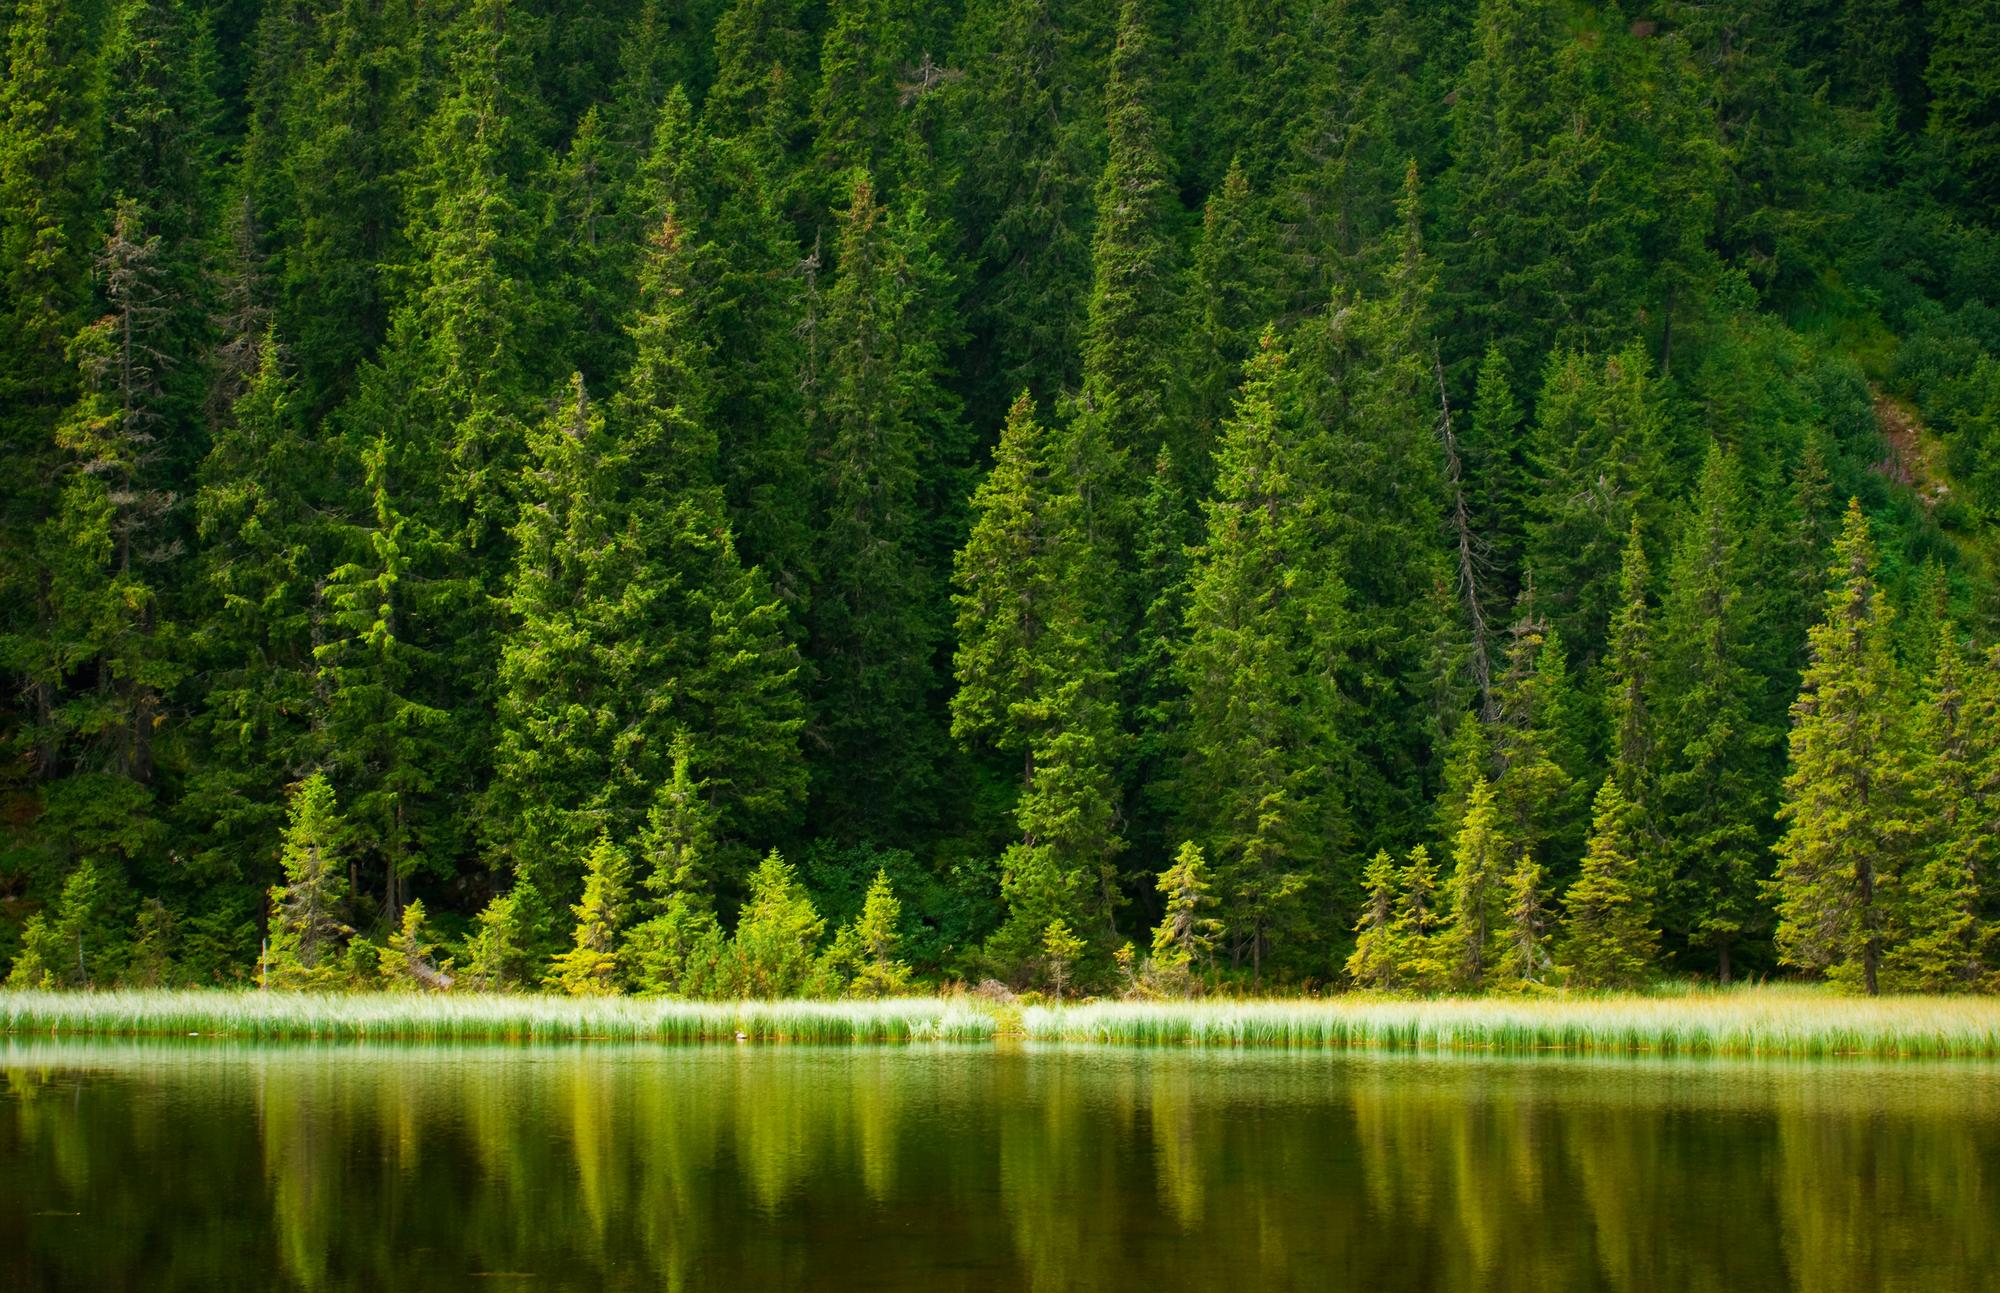 Российские леса впрохладном климате при всех возможных сценариях антропогенных воздействий вXXI веке будут вцелом поглощать углерод из атмосферы